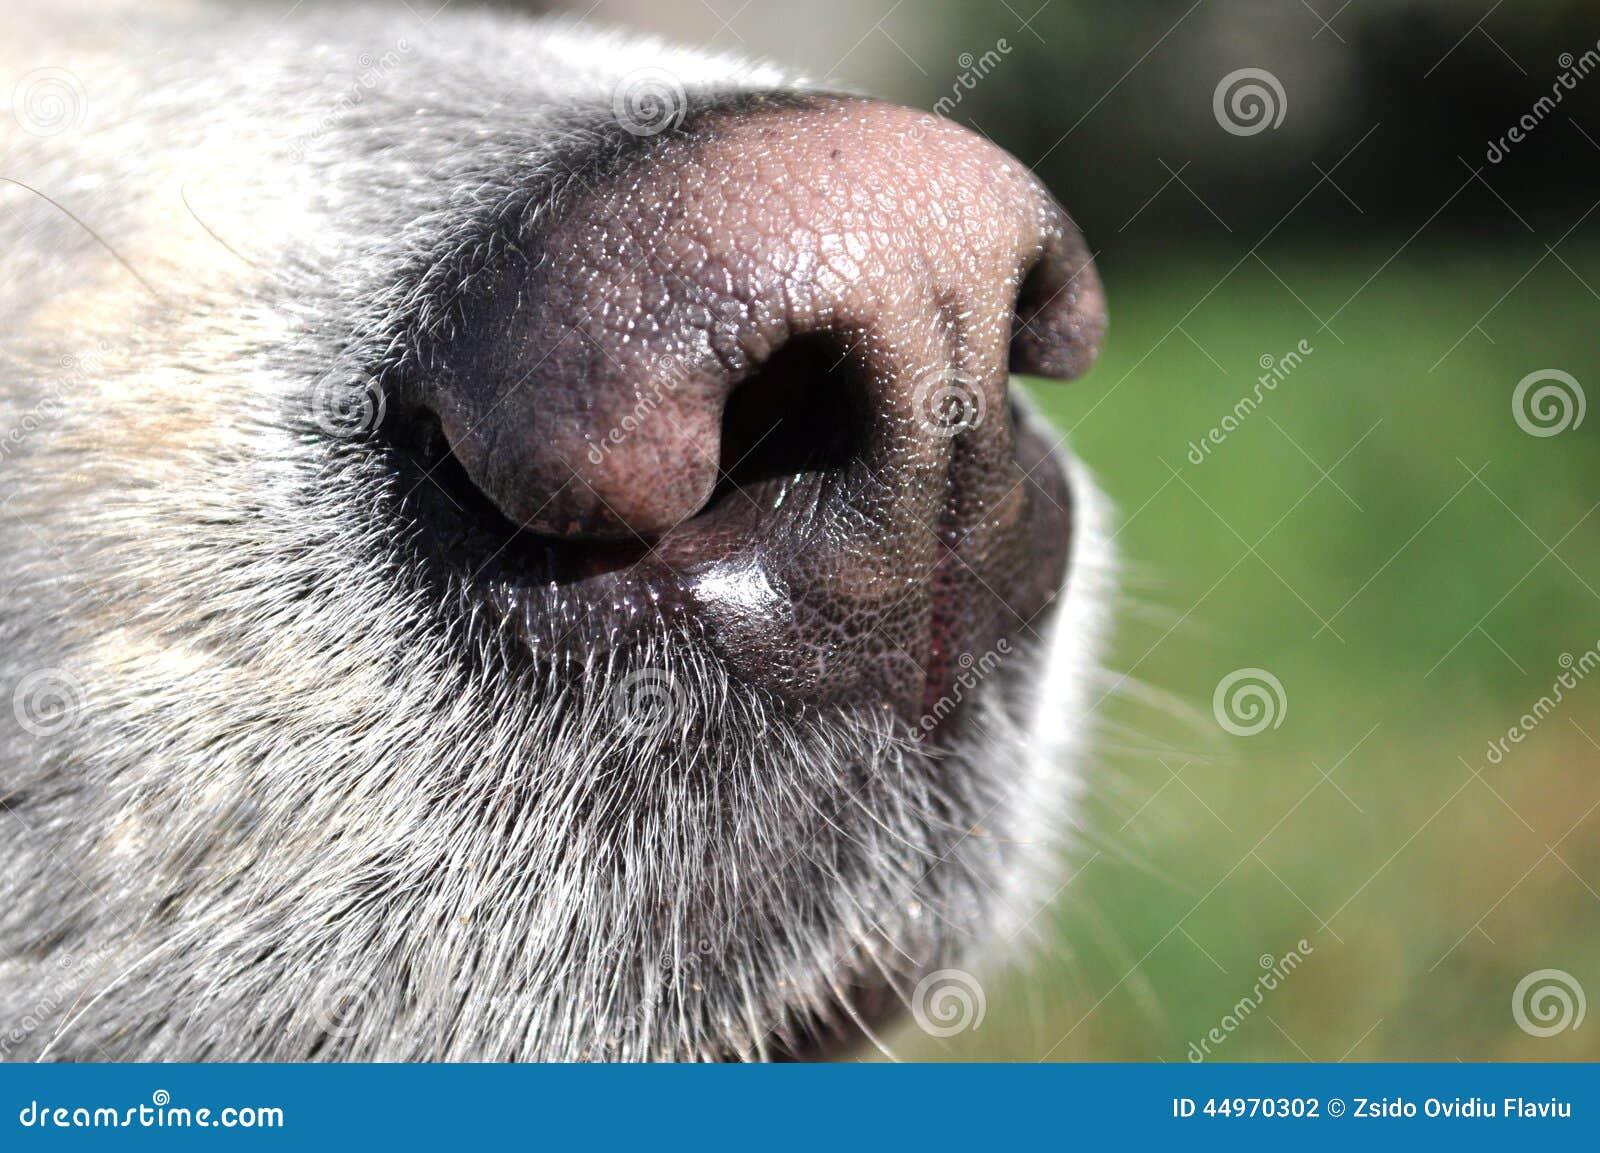 старшим у собаки нос горячий определить, как